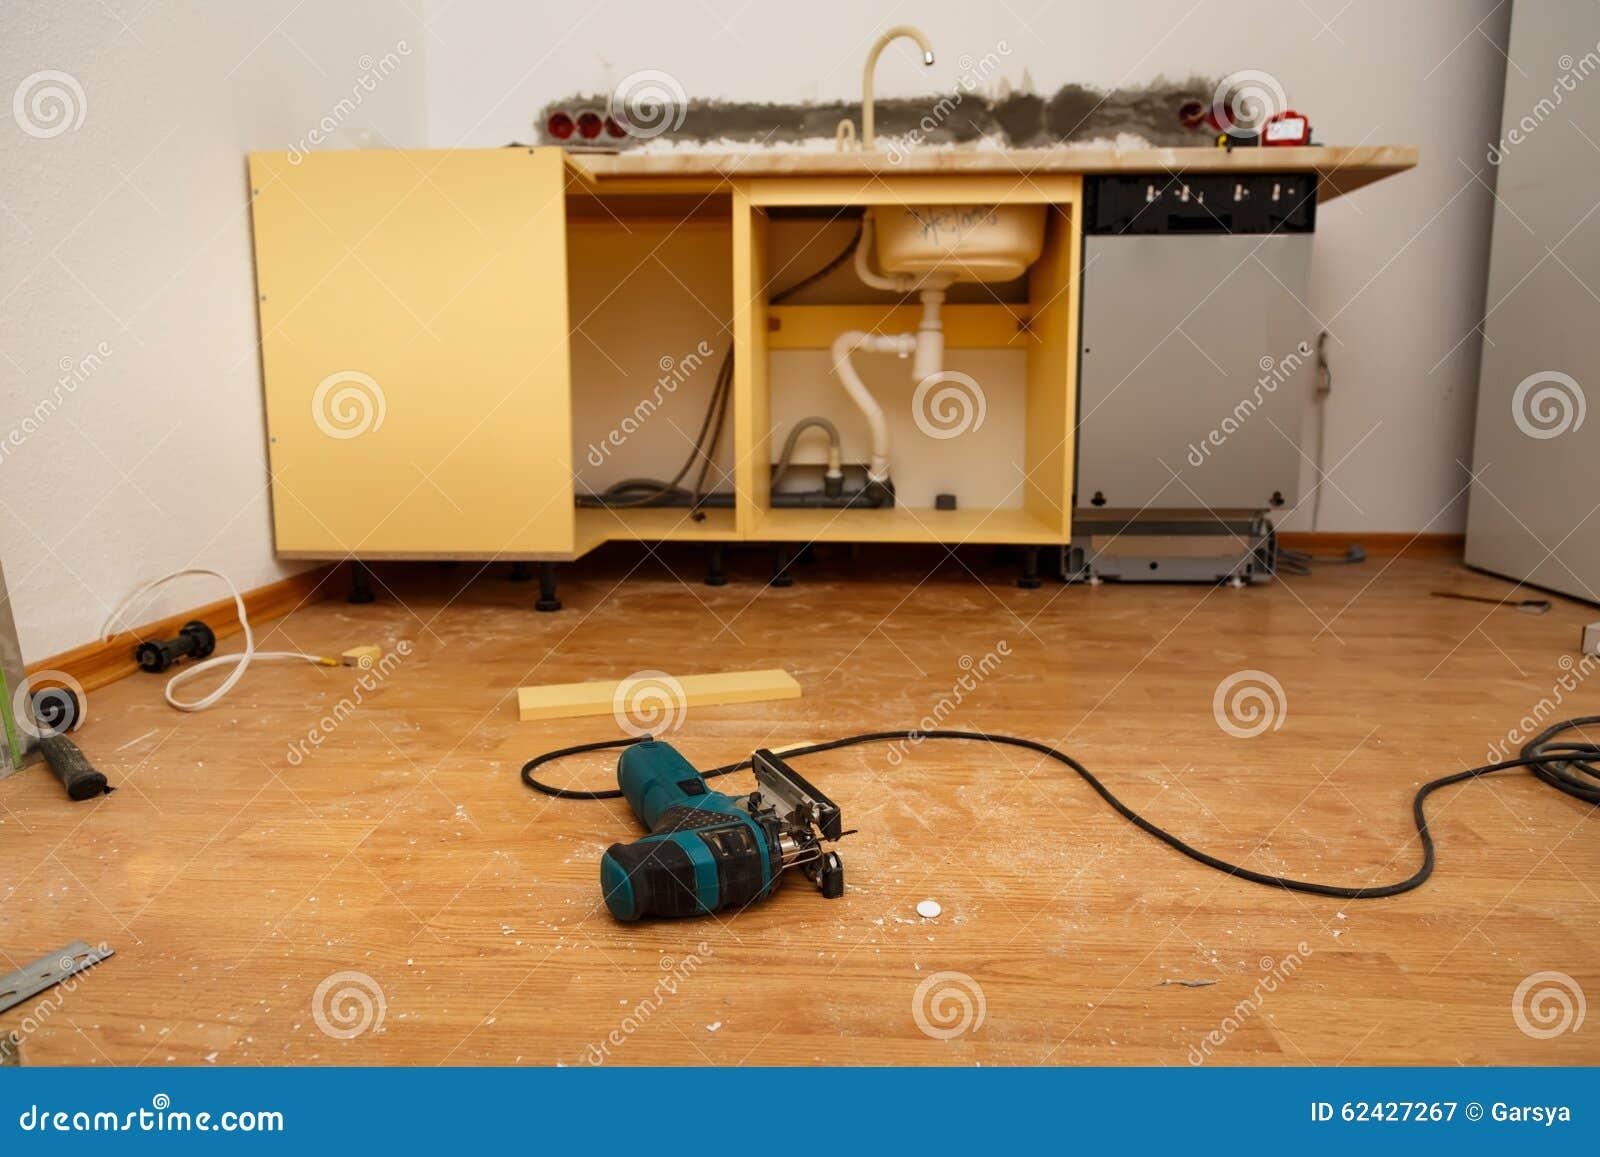 #AA7821  instalação da máquina de lavar louça no trabalho novo da cozinha 1300x957 px Projetos Da Instalação Da Cozinha_401 Imagens